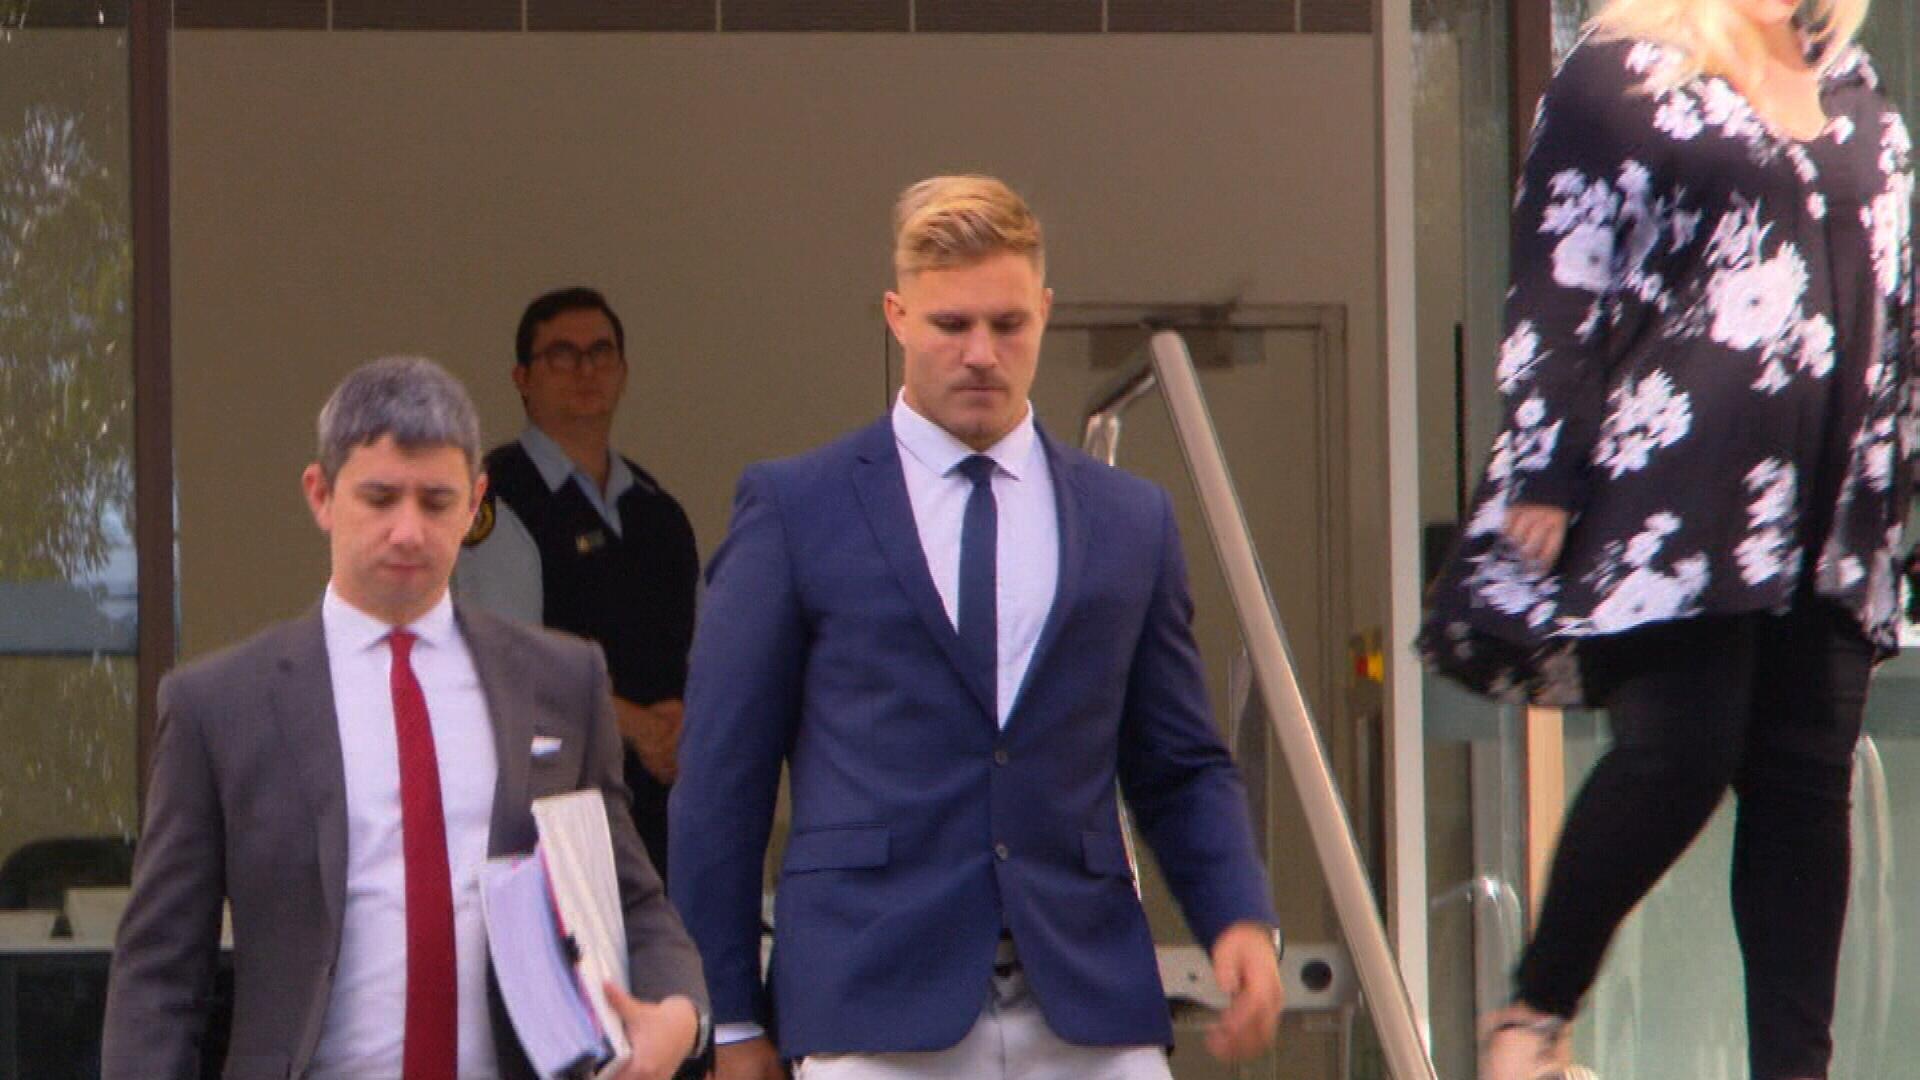 De Belin to stand trial